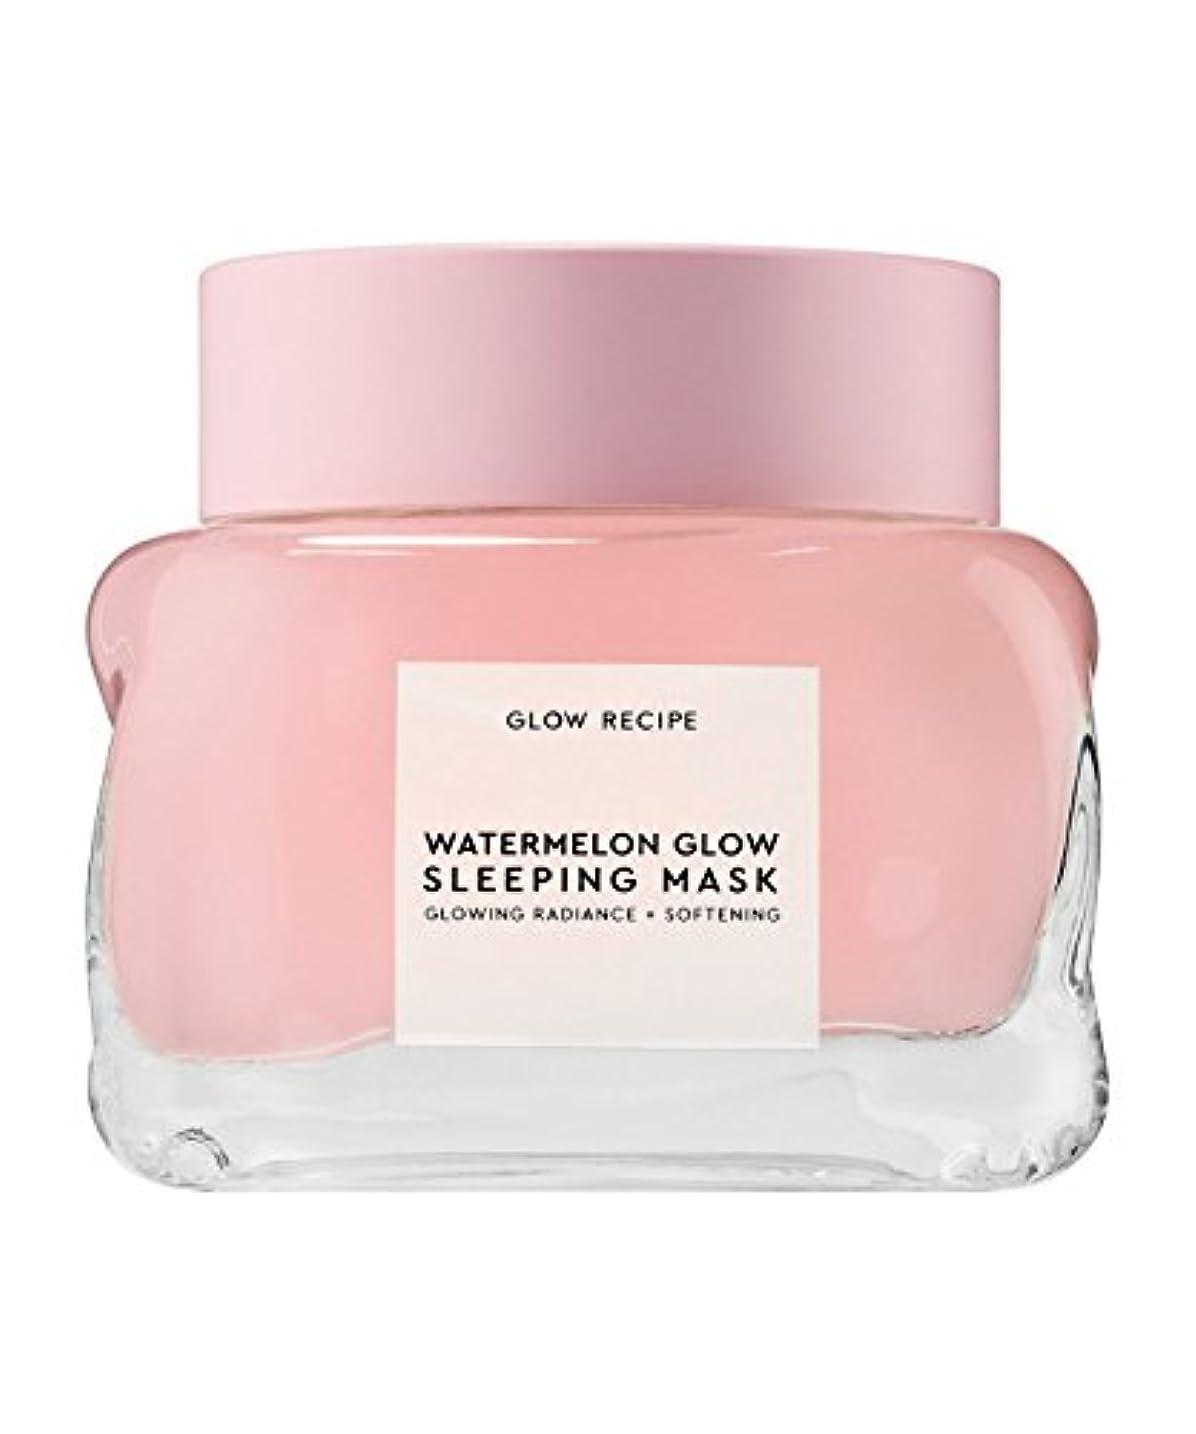 ささやき決定的人種Glow Recipe Watermelon Glow Sleeping Mask 2.7oz/80ml グロウレシピ ウォータメロン グロー スリーピング マスク